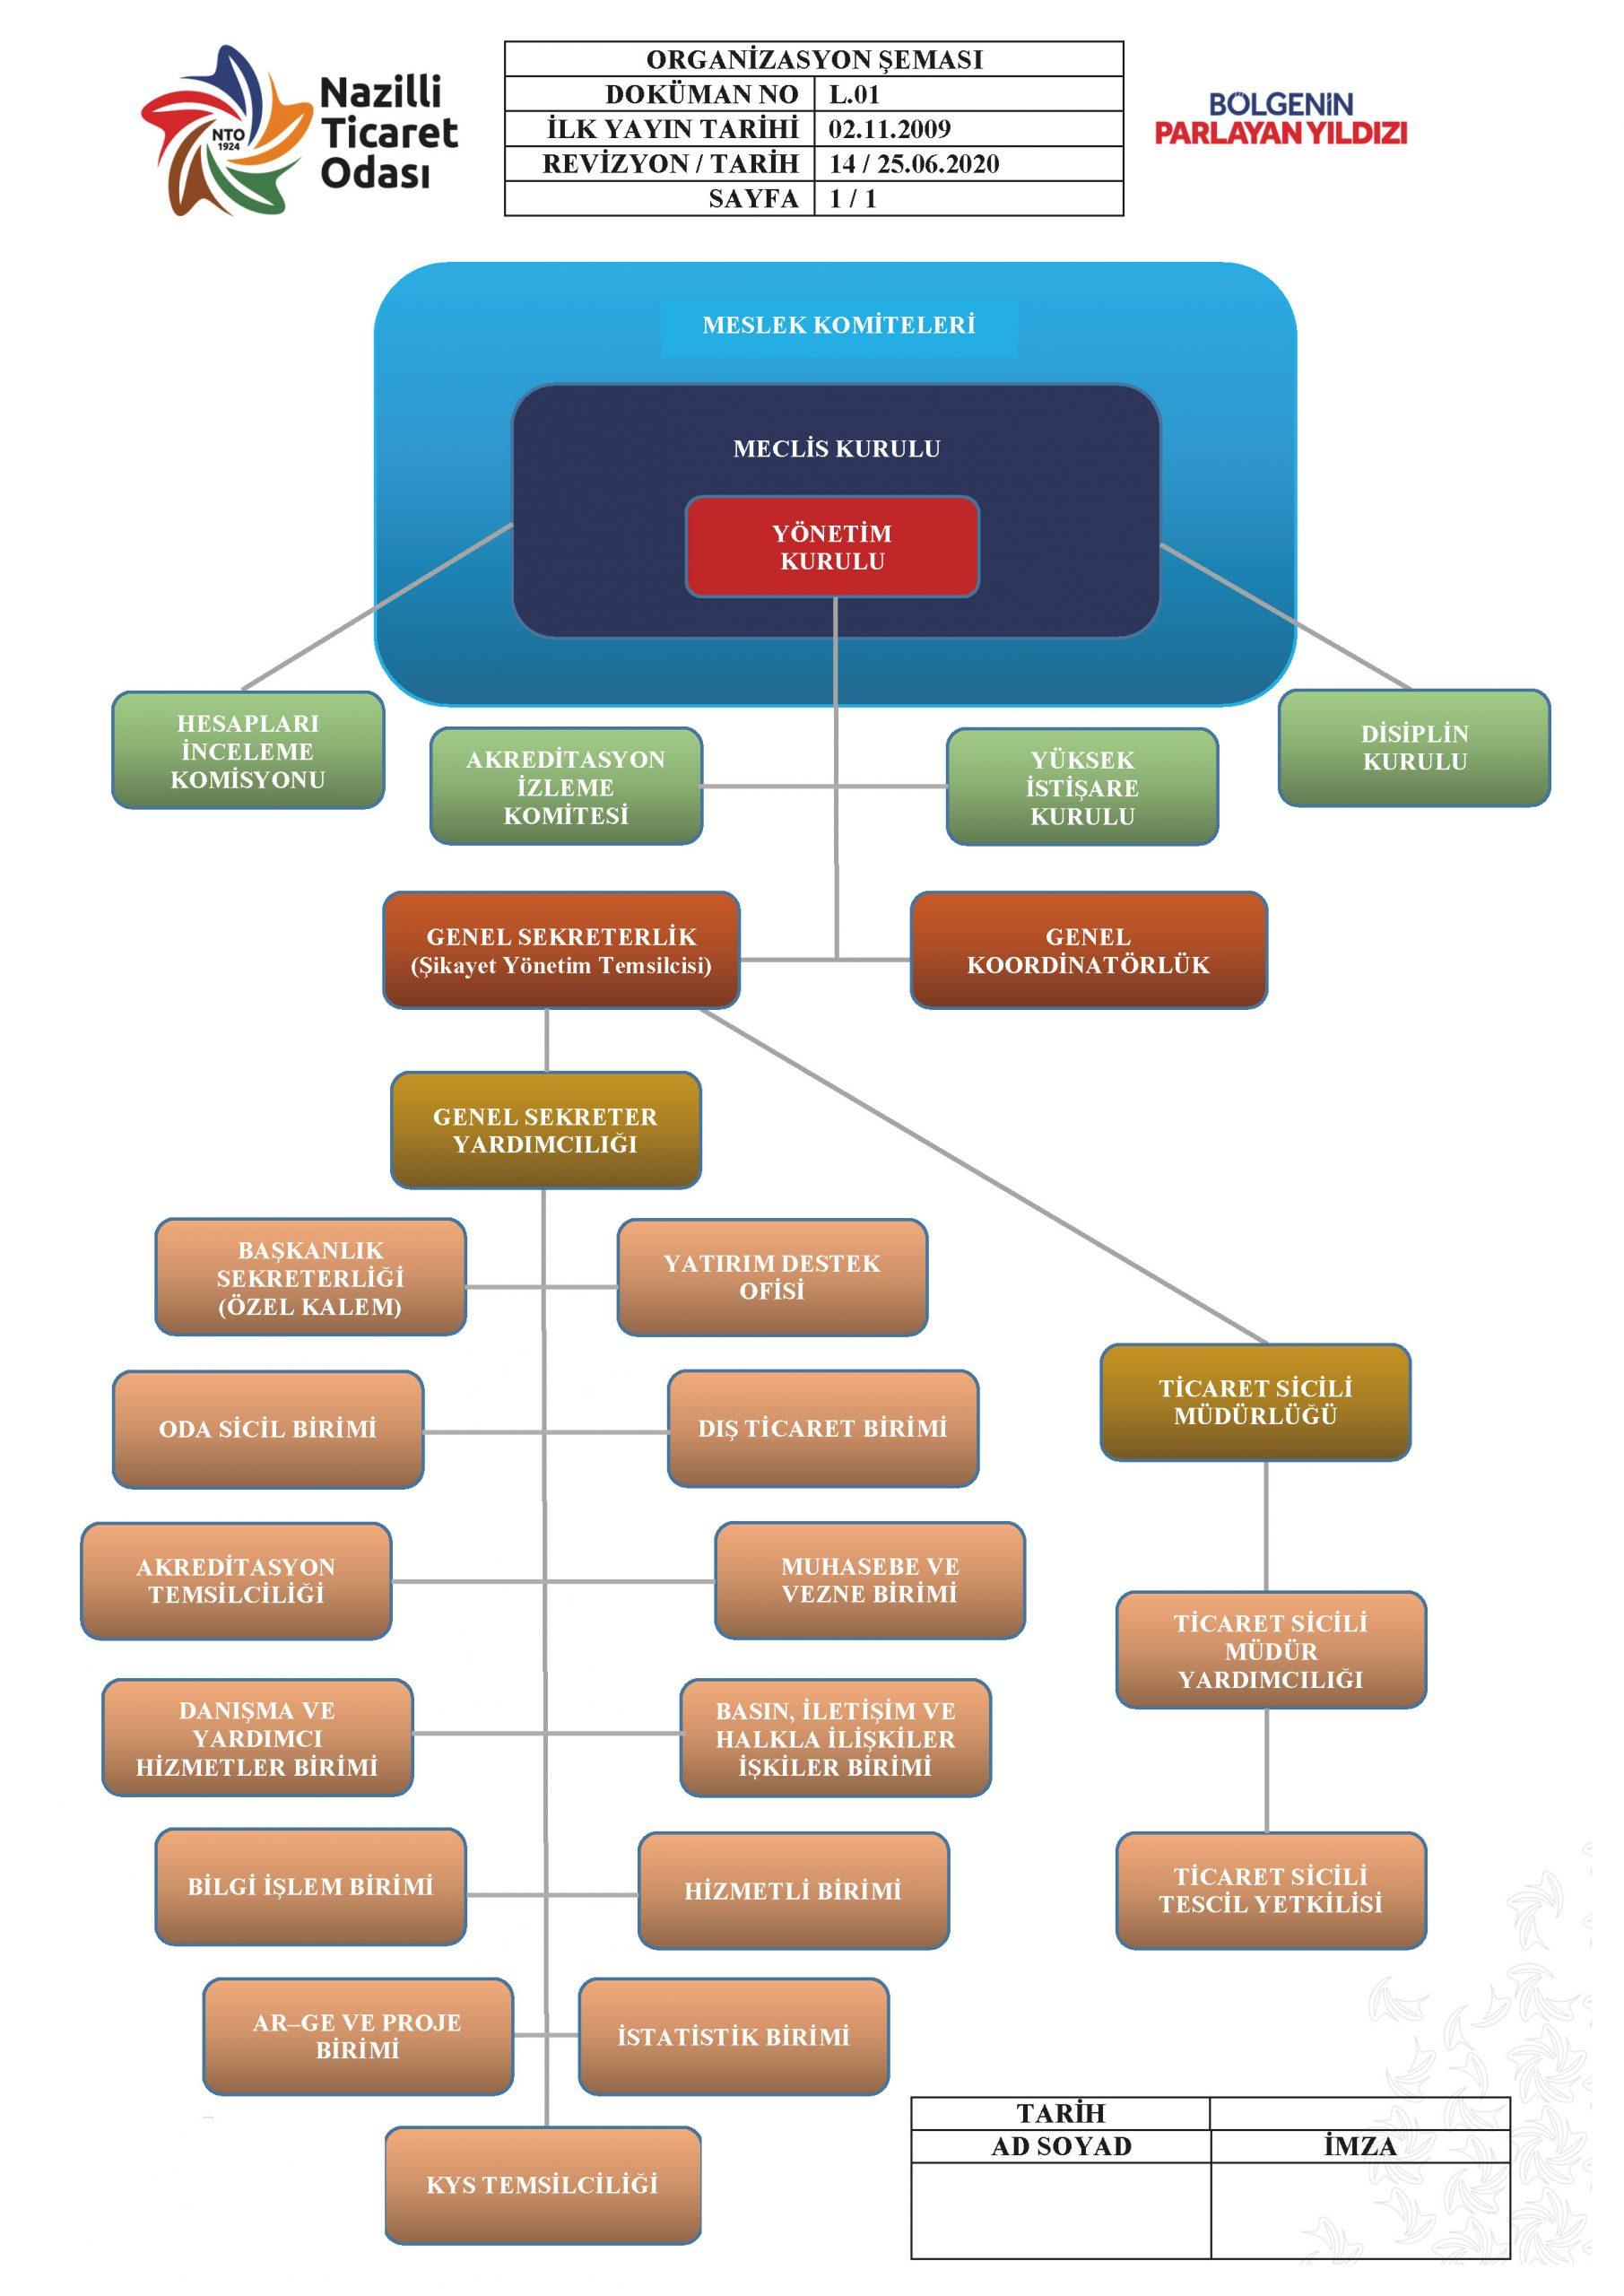 Organizasyon Şeması ve Planlar